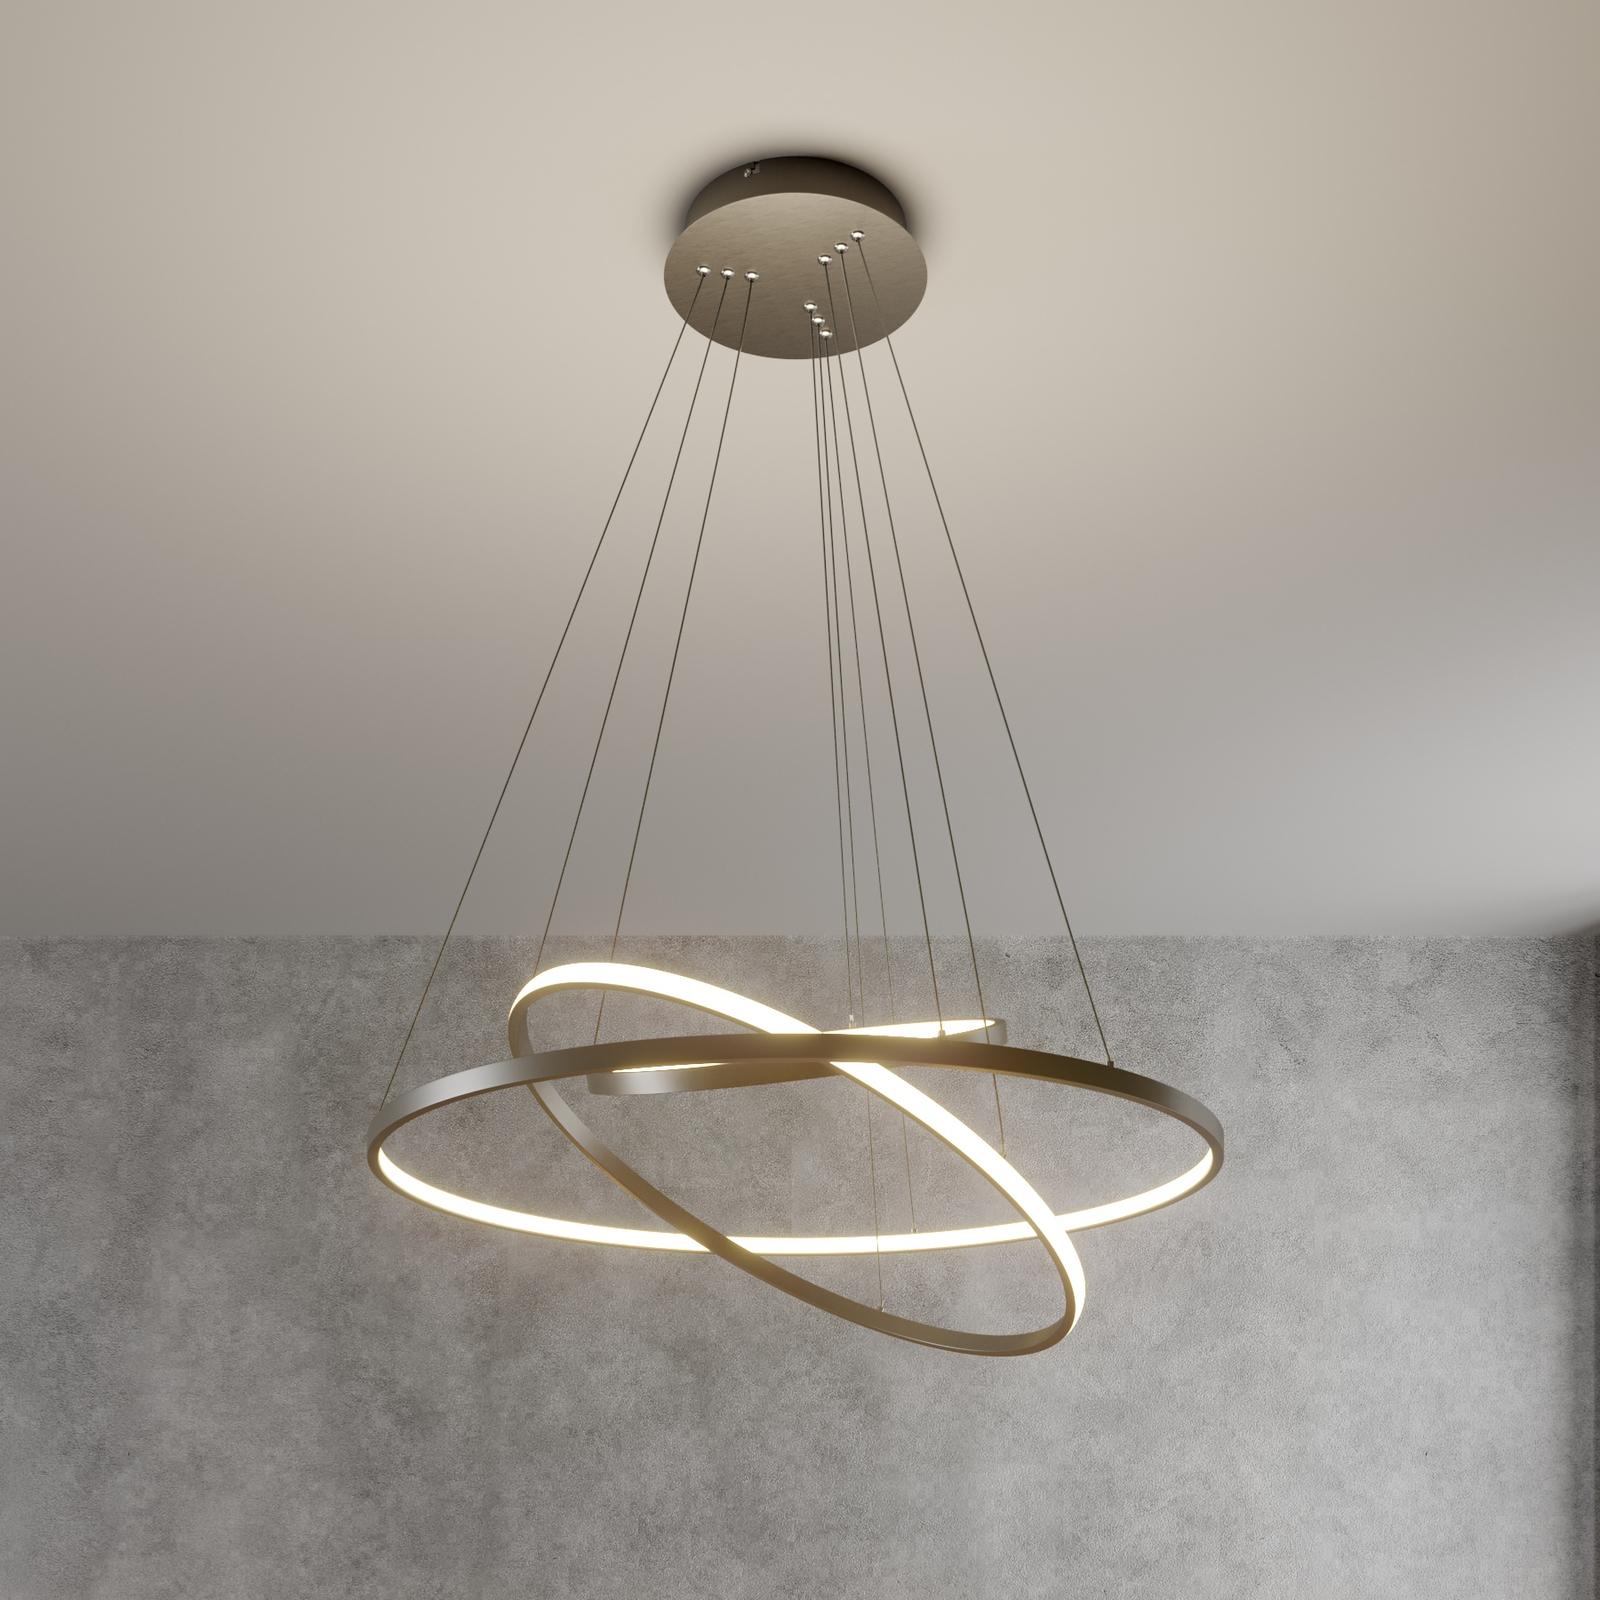 Suspension LED Ezana en trois anneaux, nickel